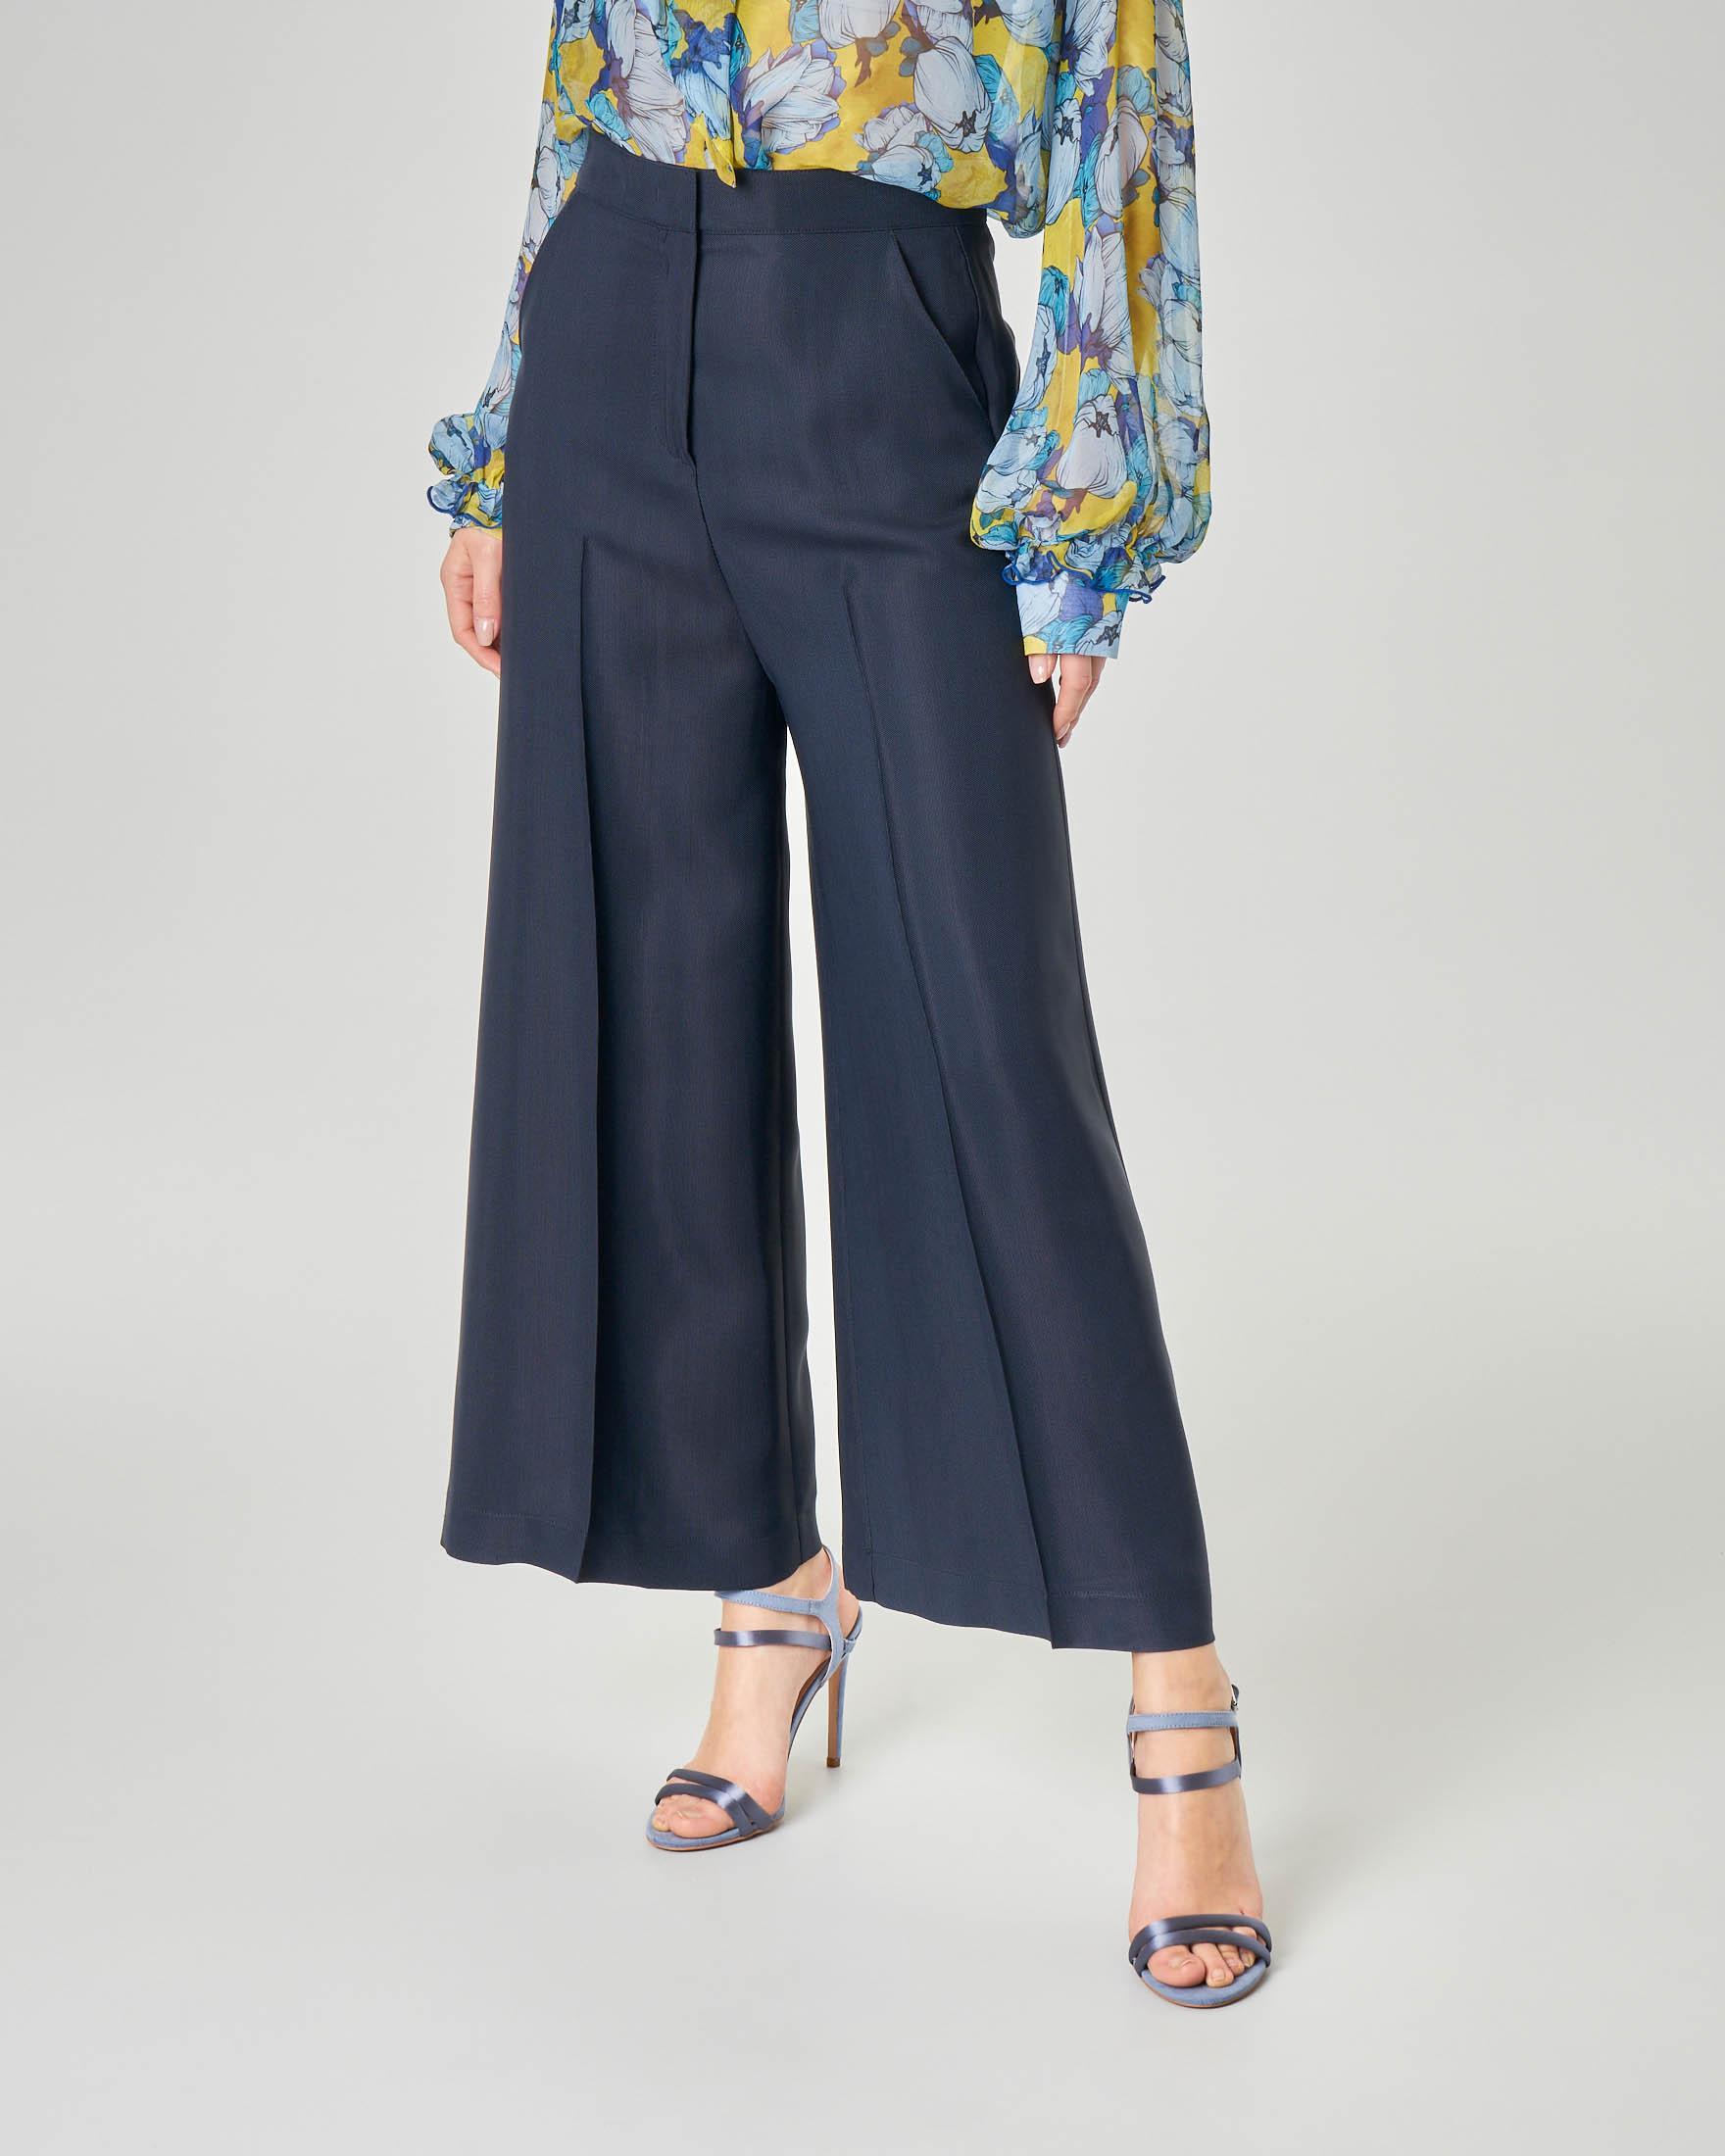 Pantalone blu in crêpe di viscosa ampio lunghezza alla caviglia con piega in rilievo